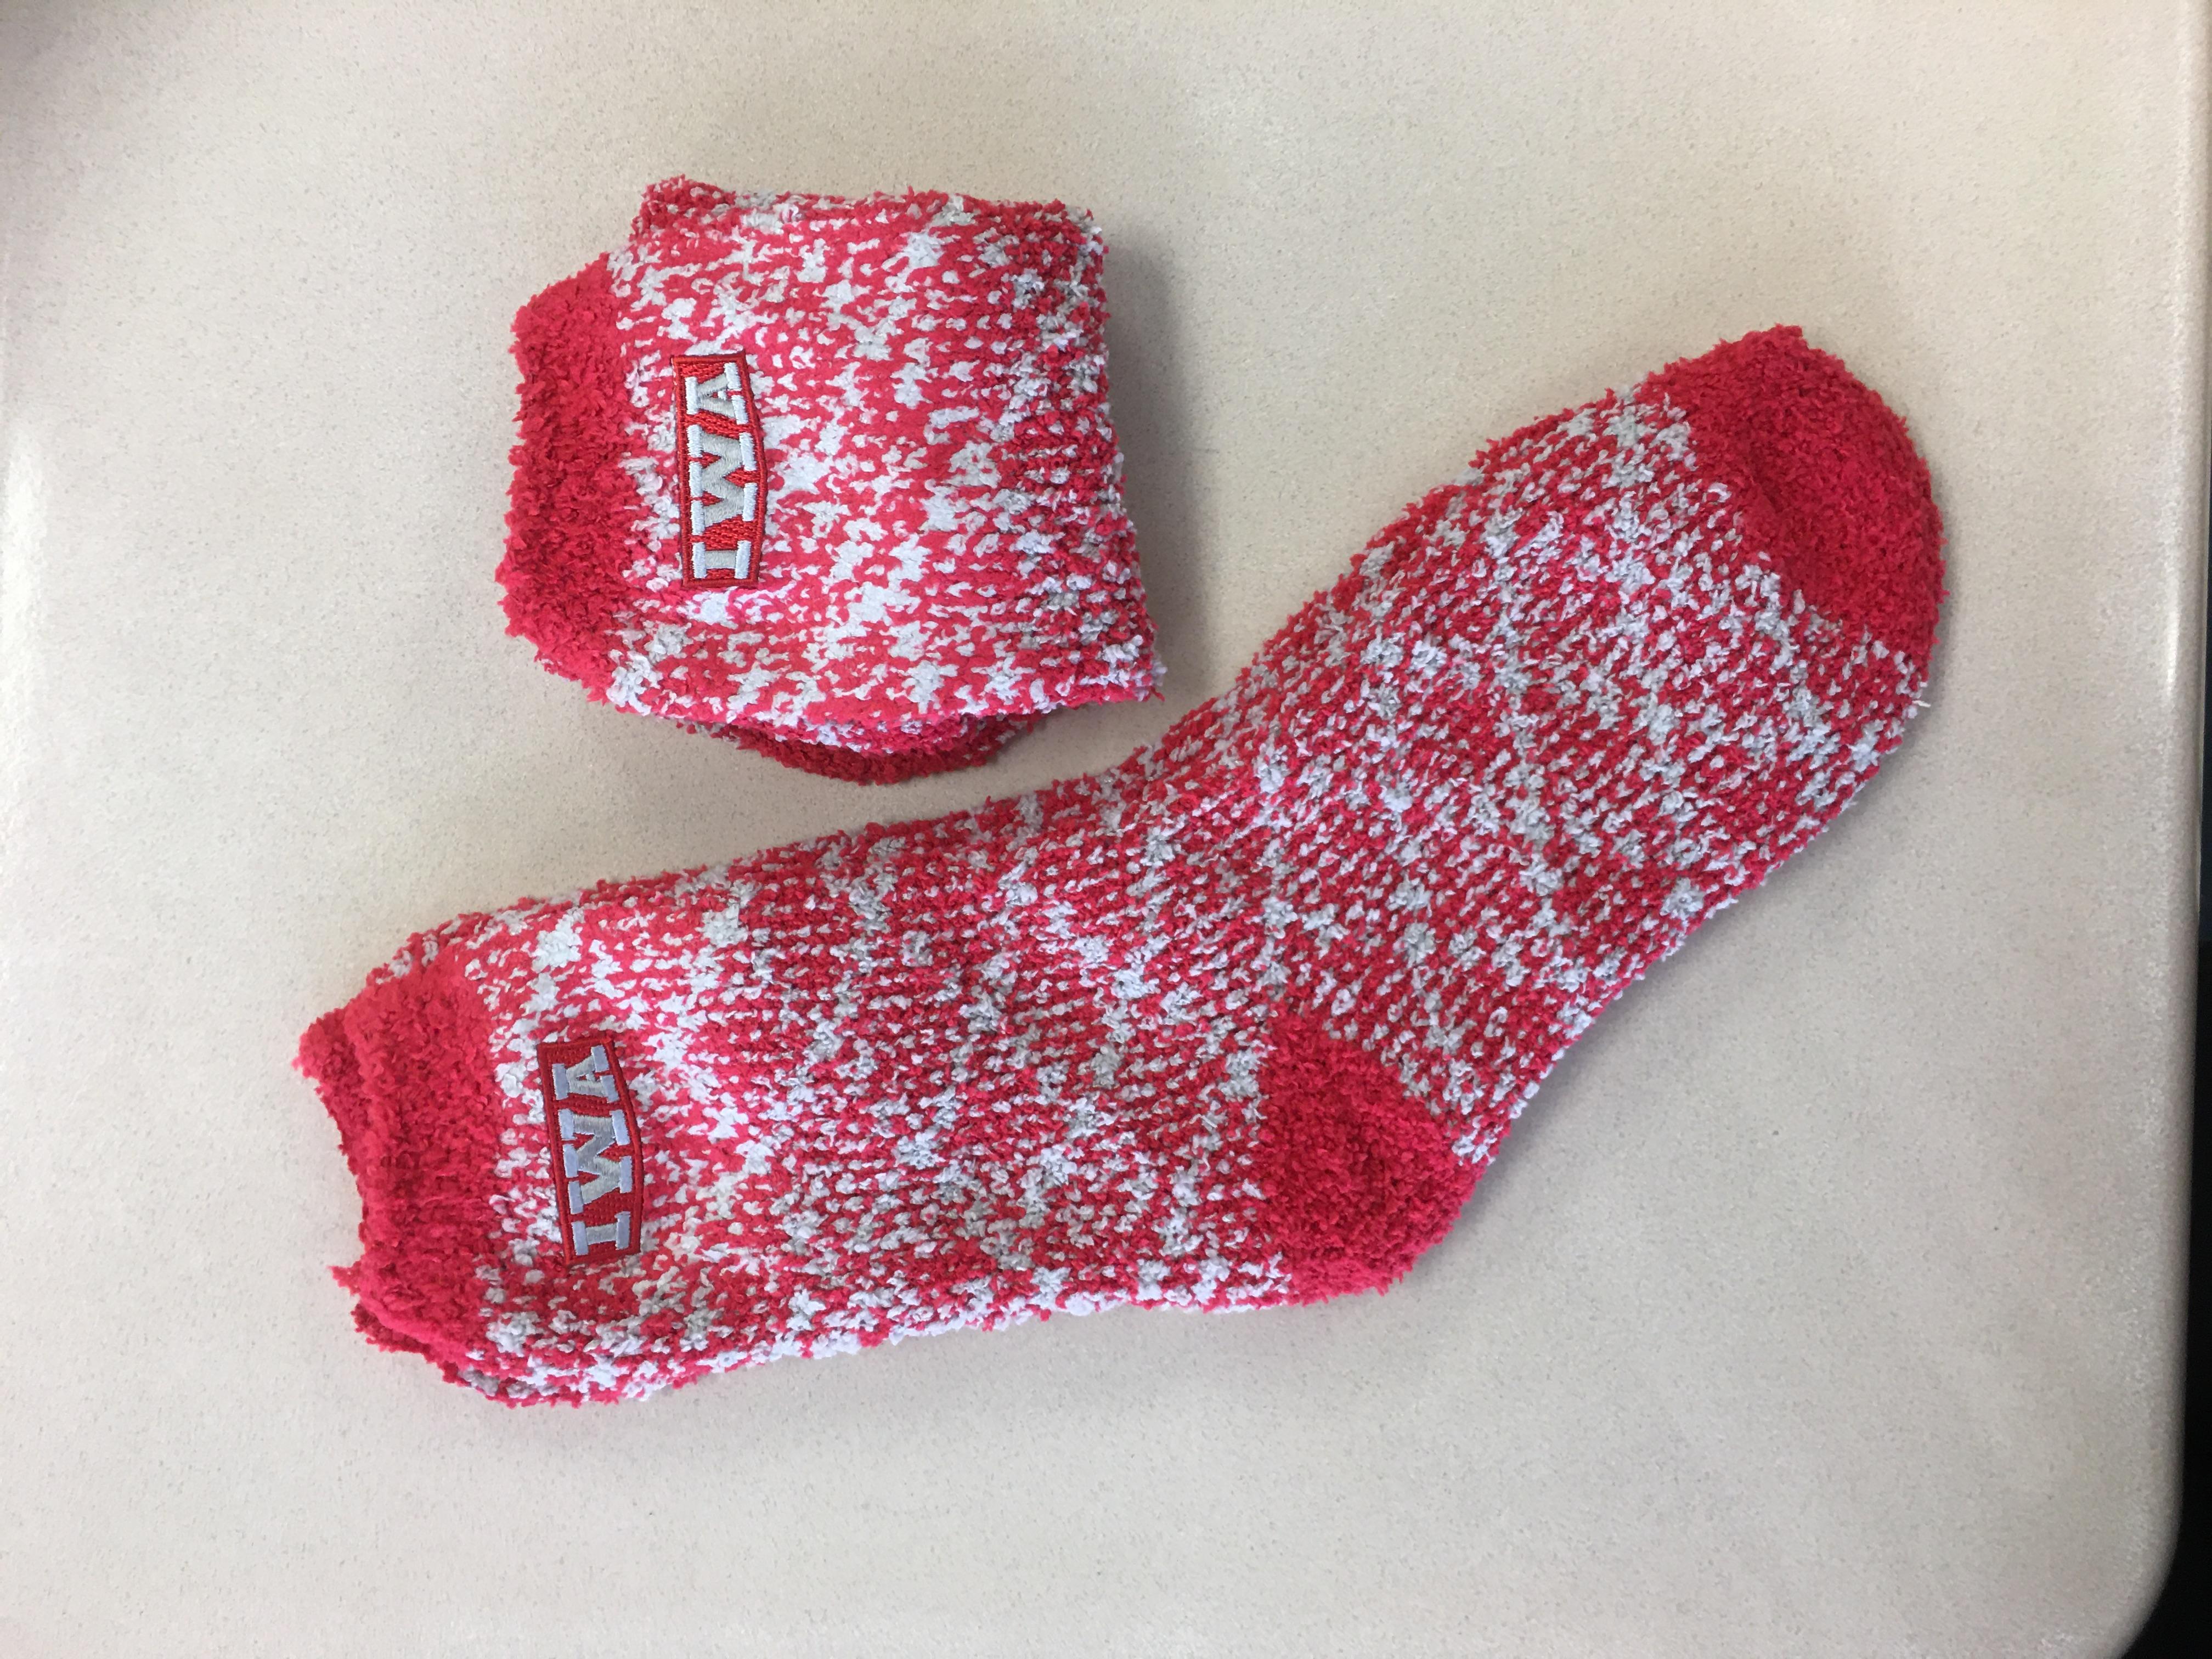 IWA Fuzzy Socks